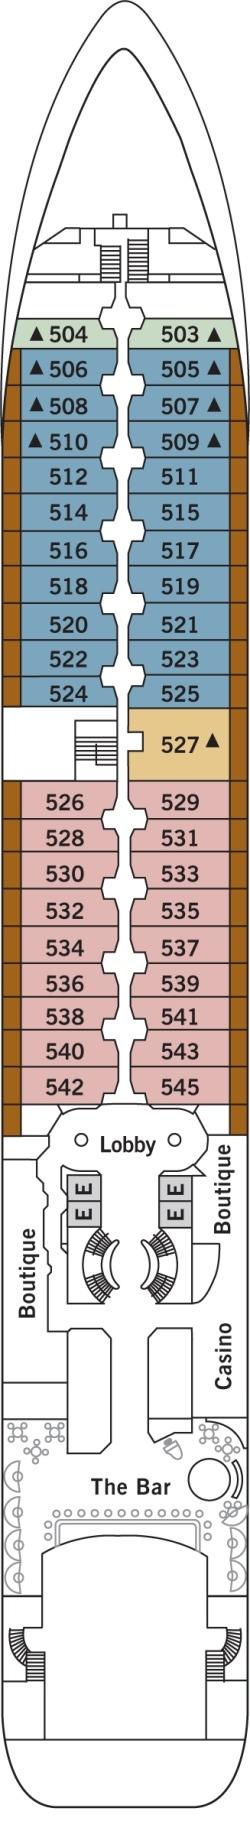 Silver Wind Deck 5: Deck 5